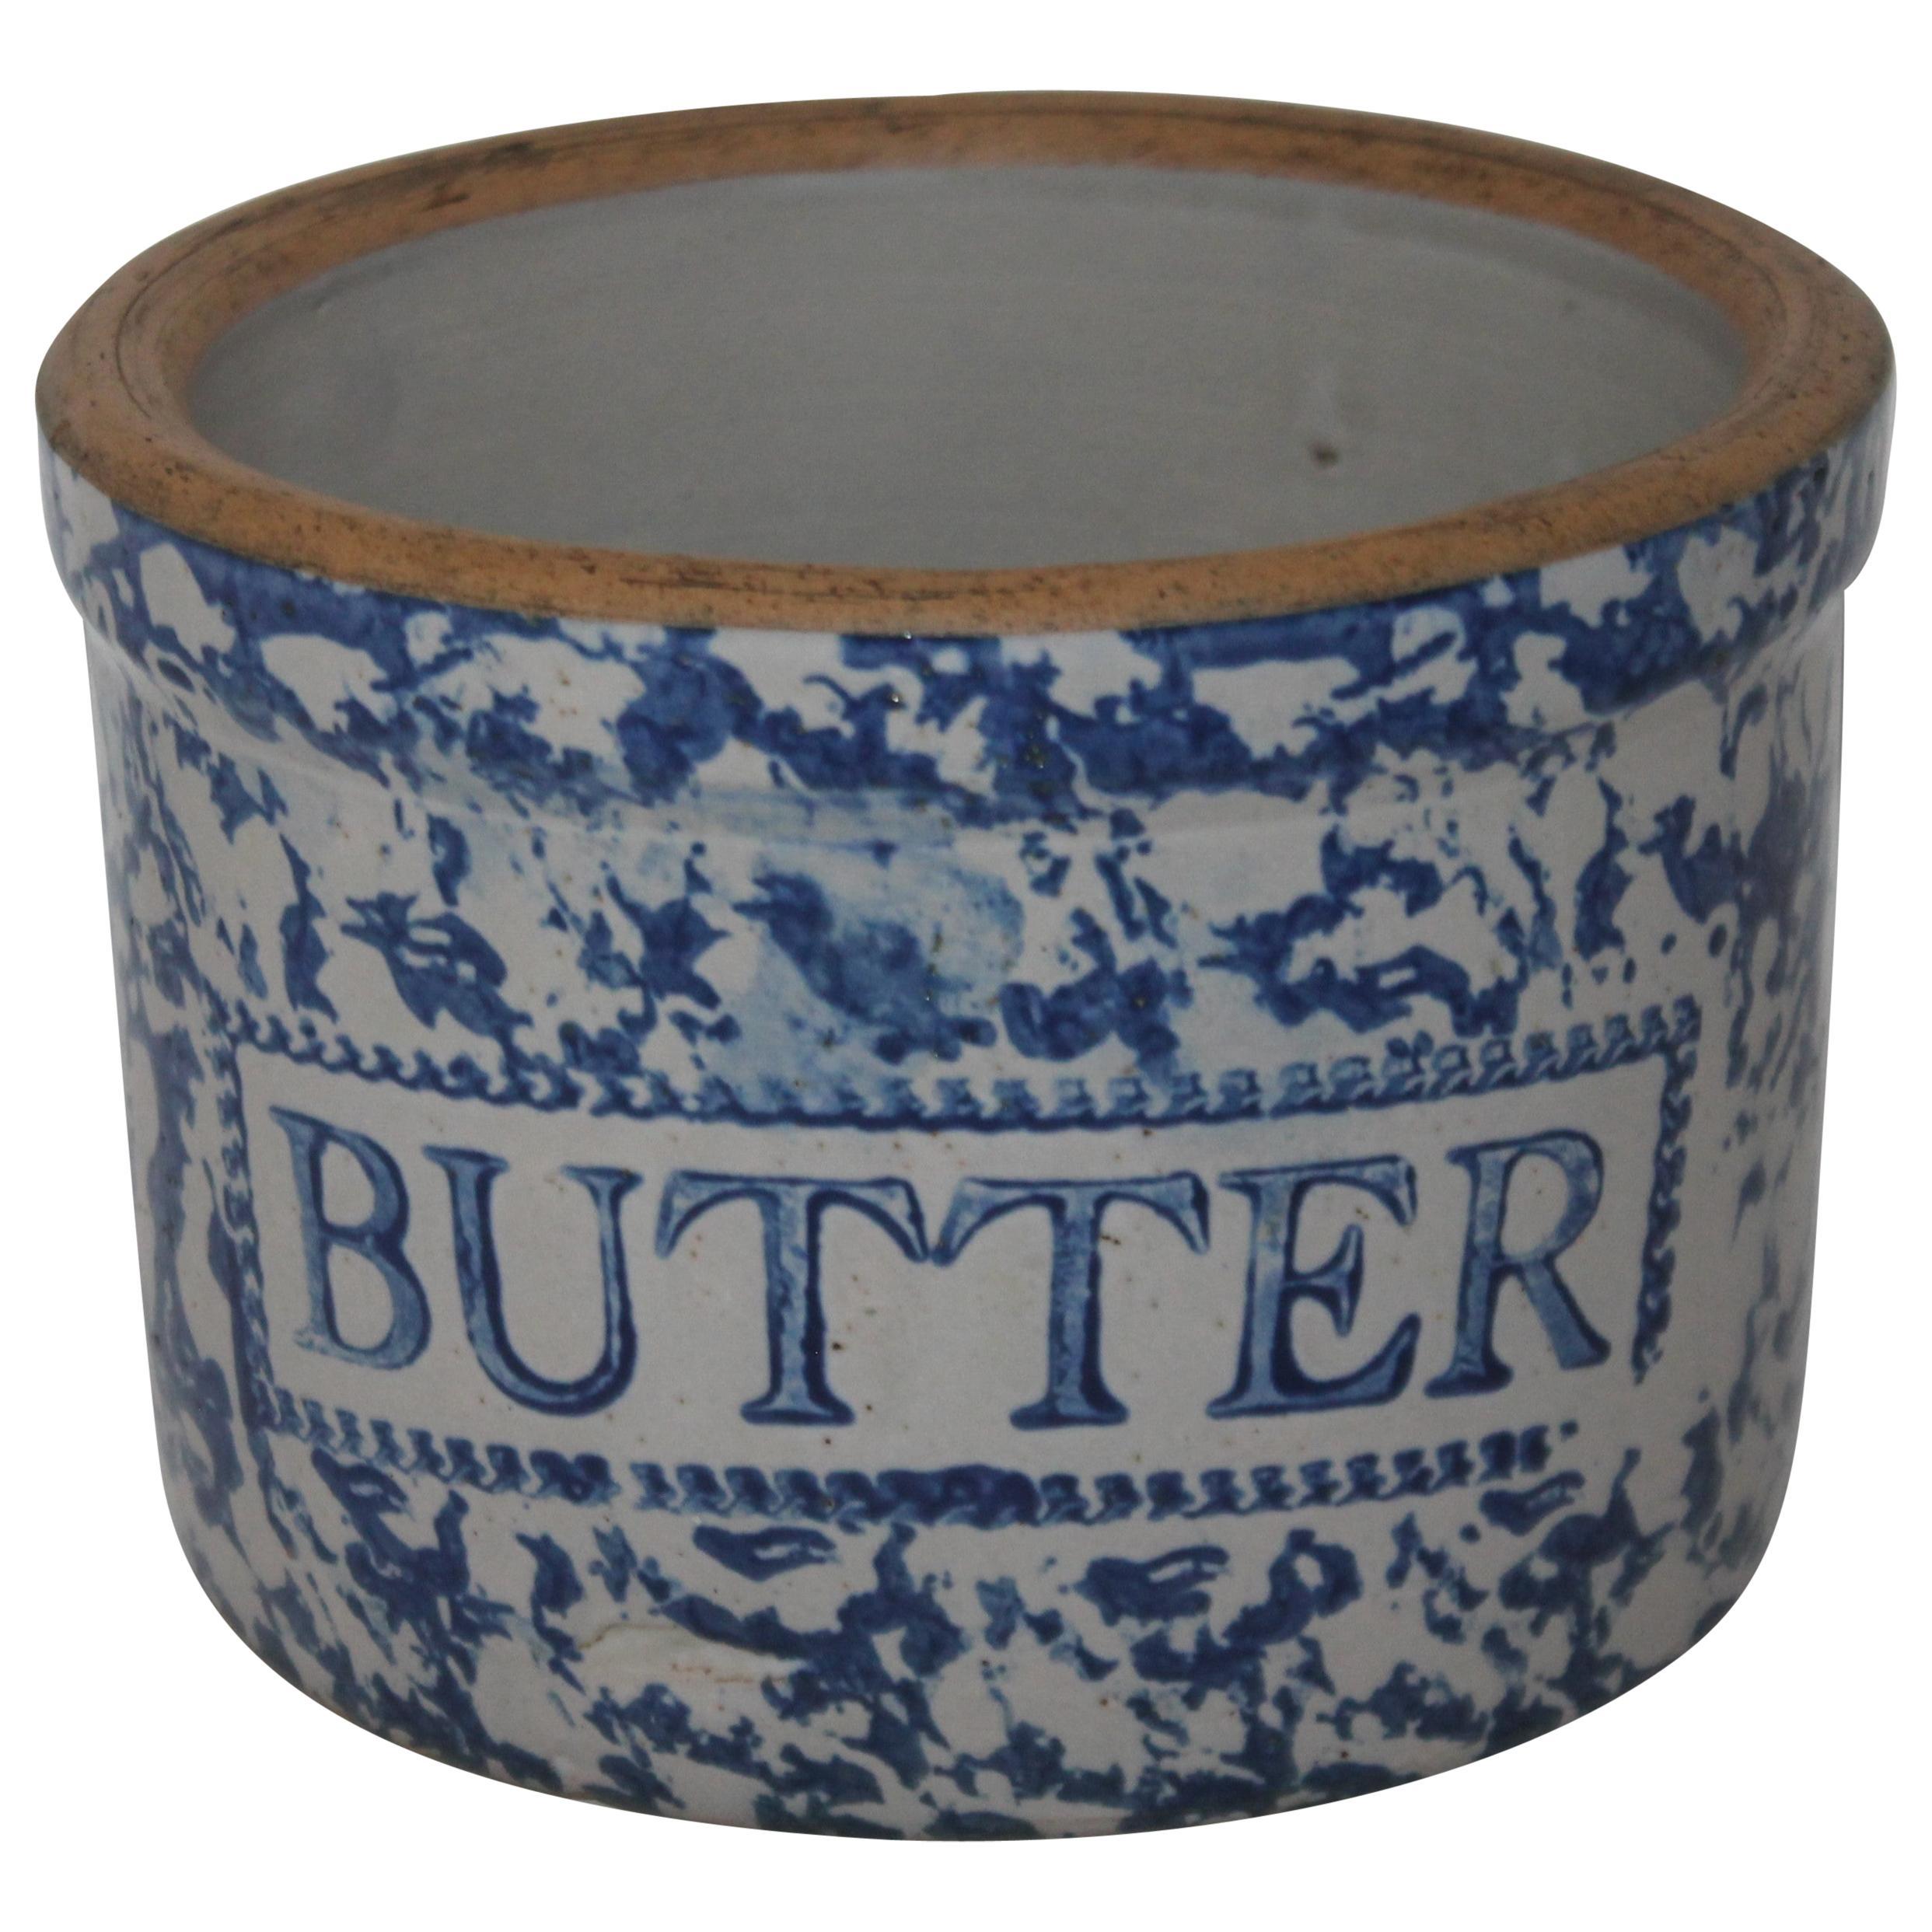 19th Century Sponge Ware Butter Crock